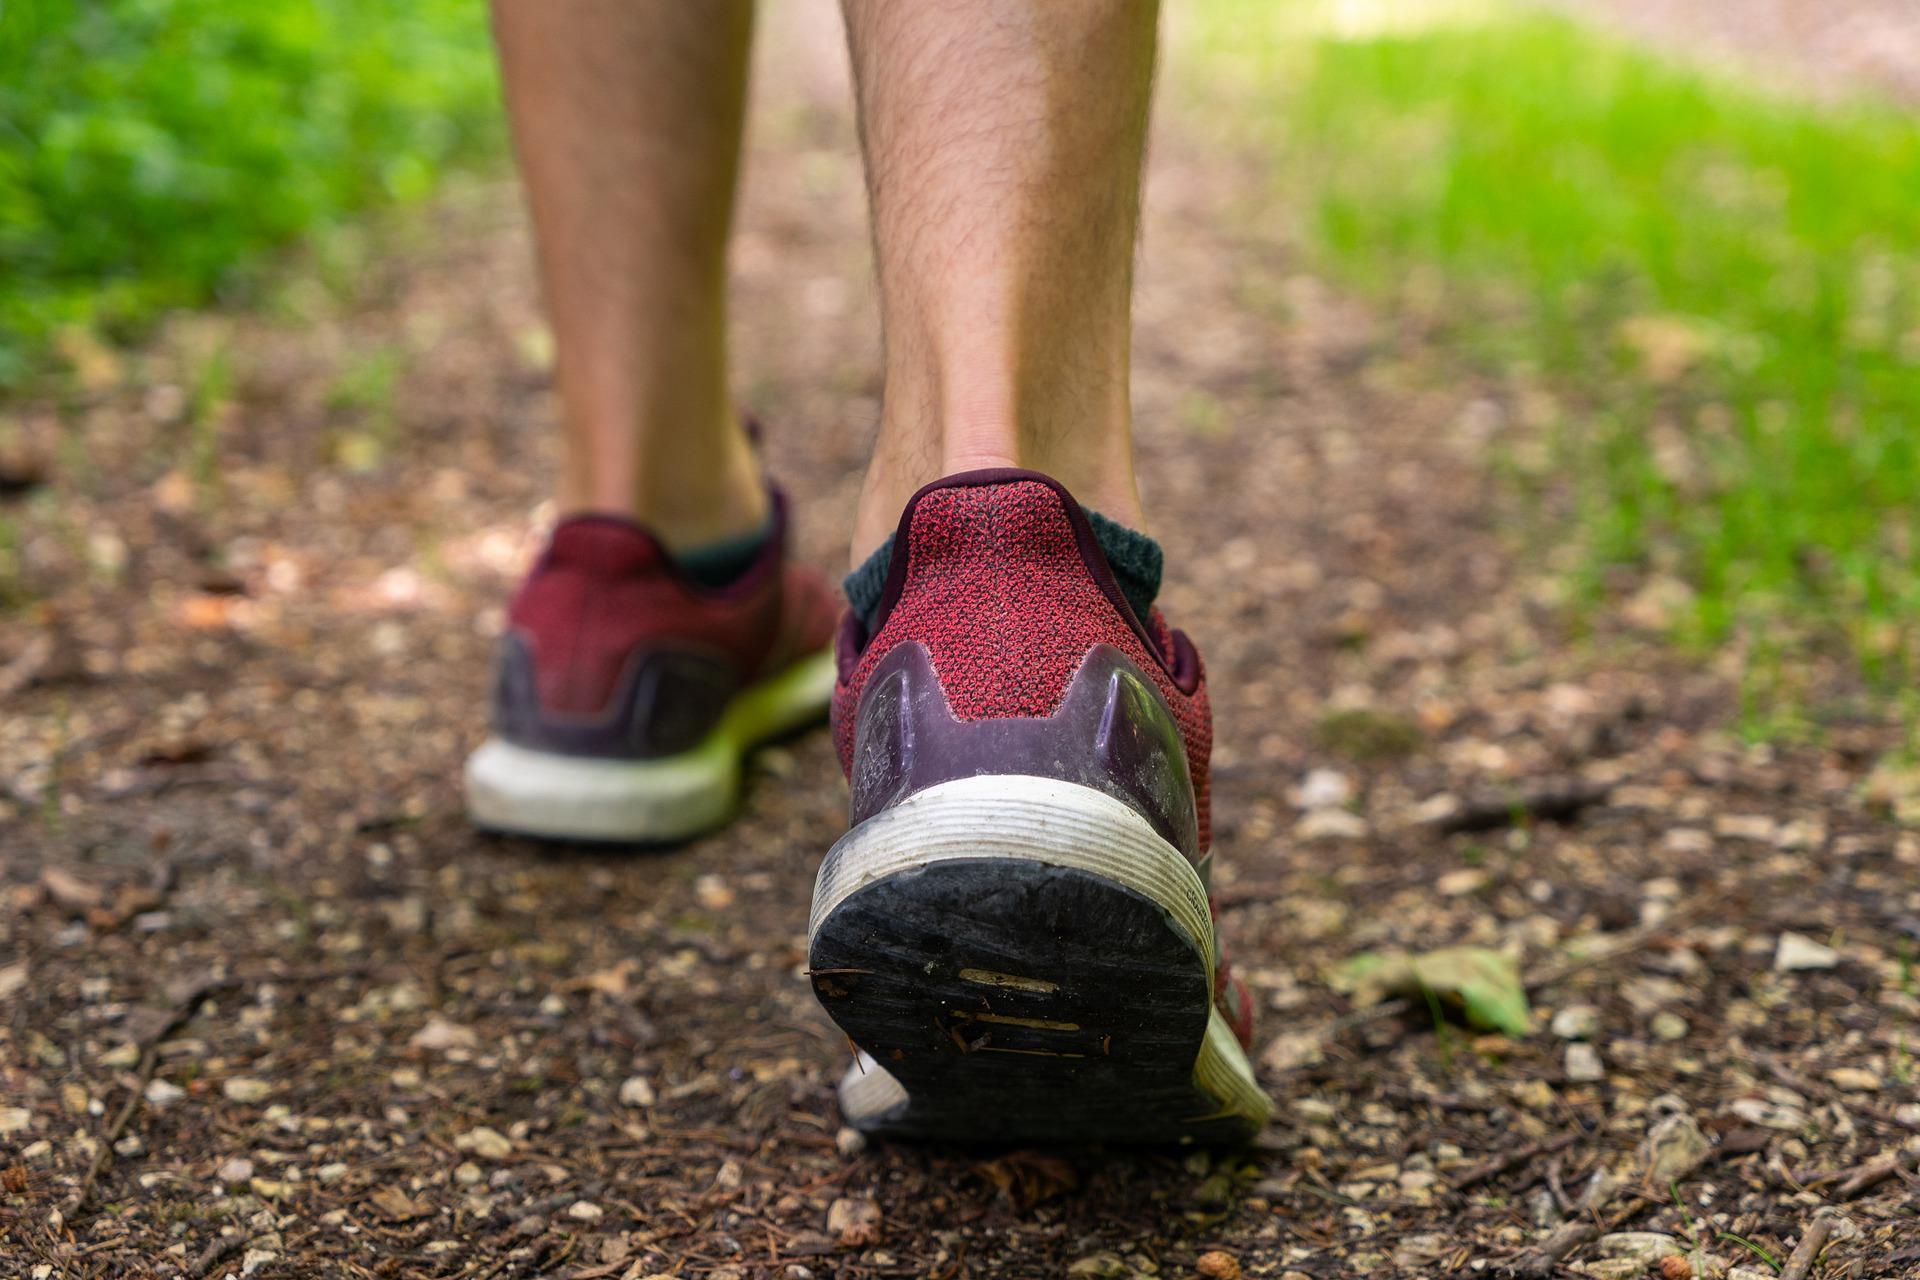 Füße in Sportschuhen